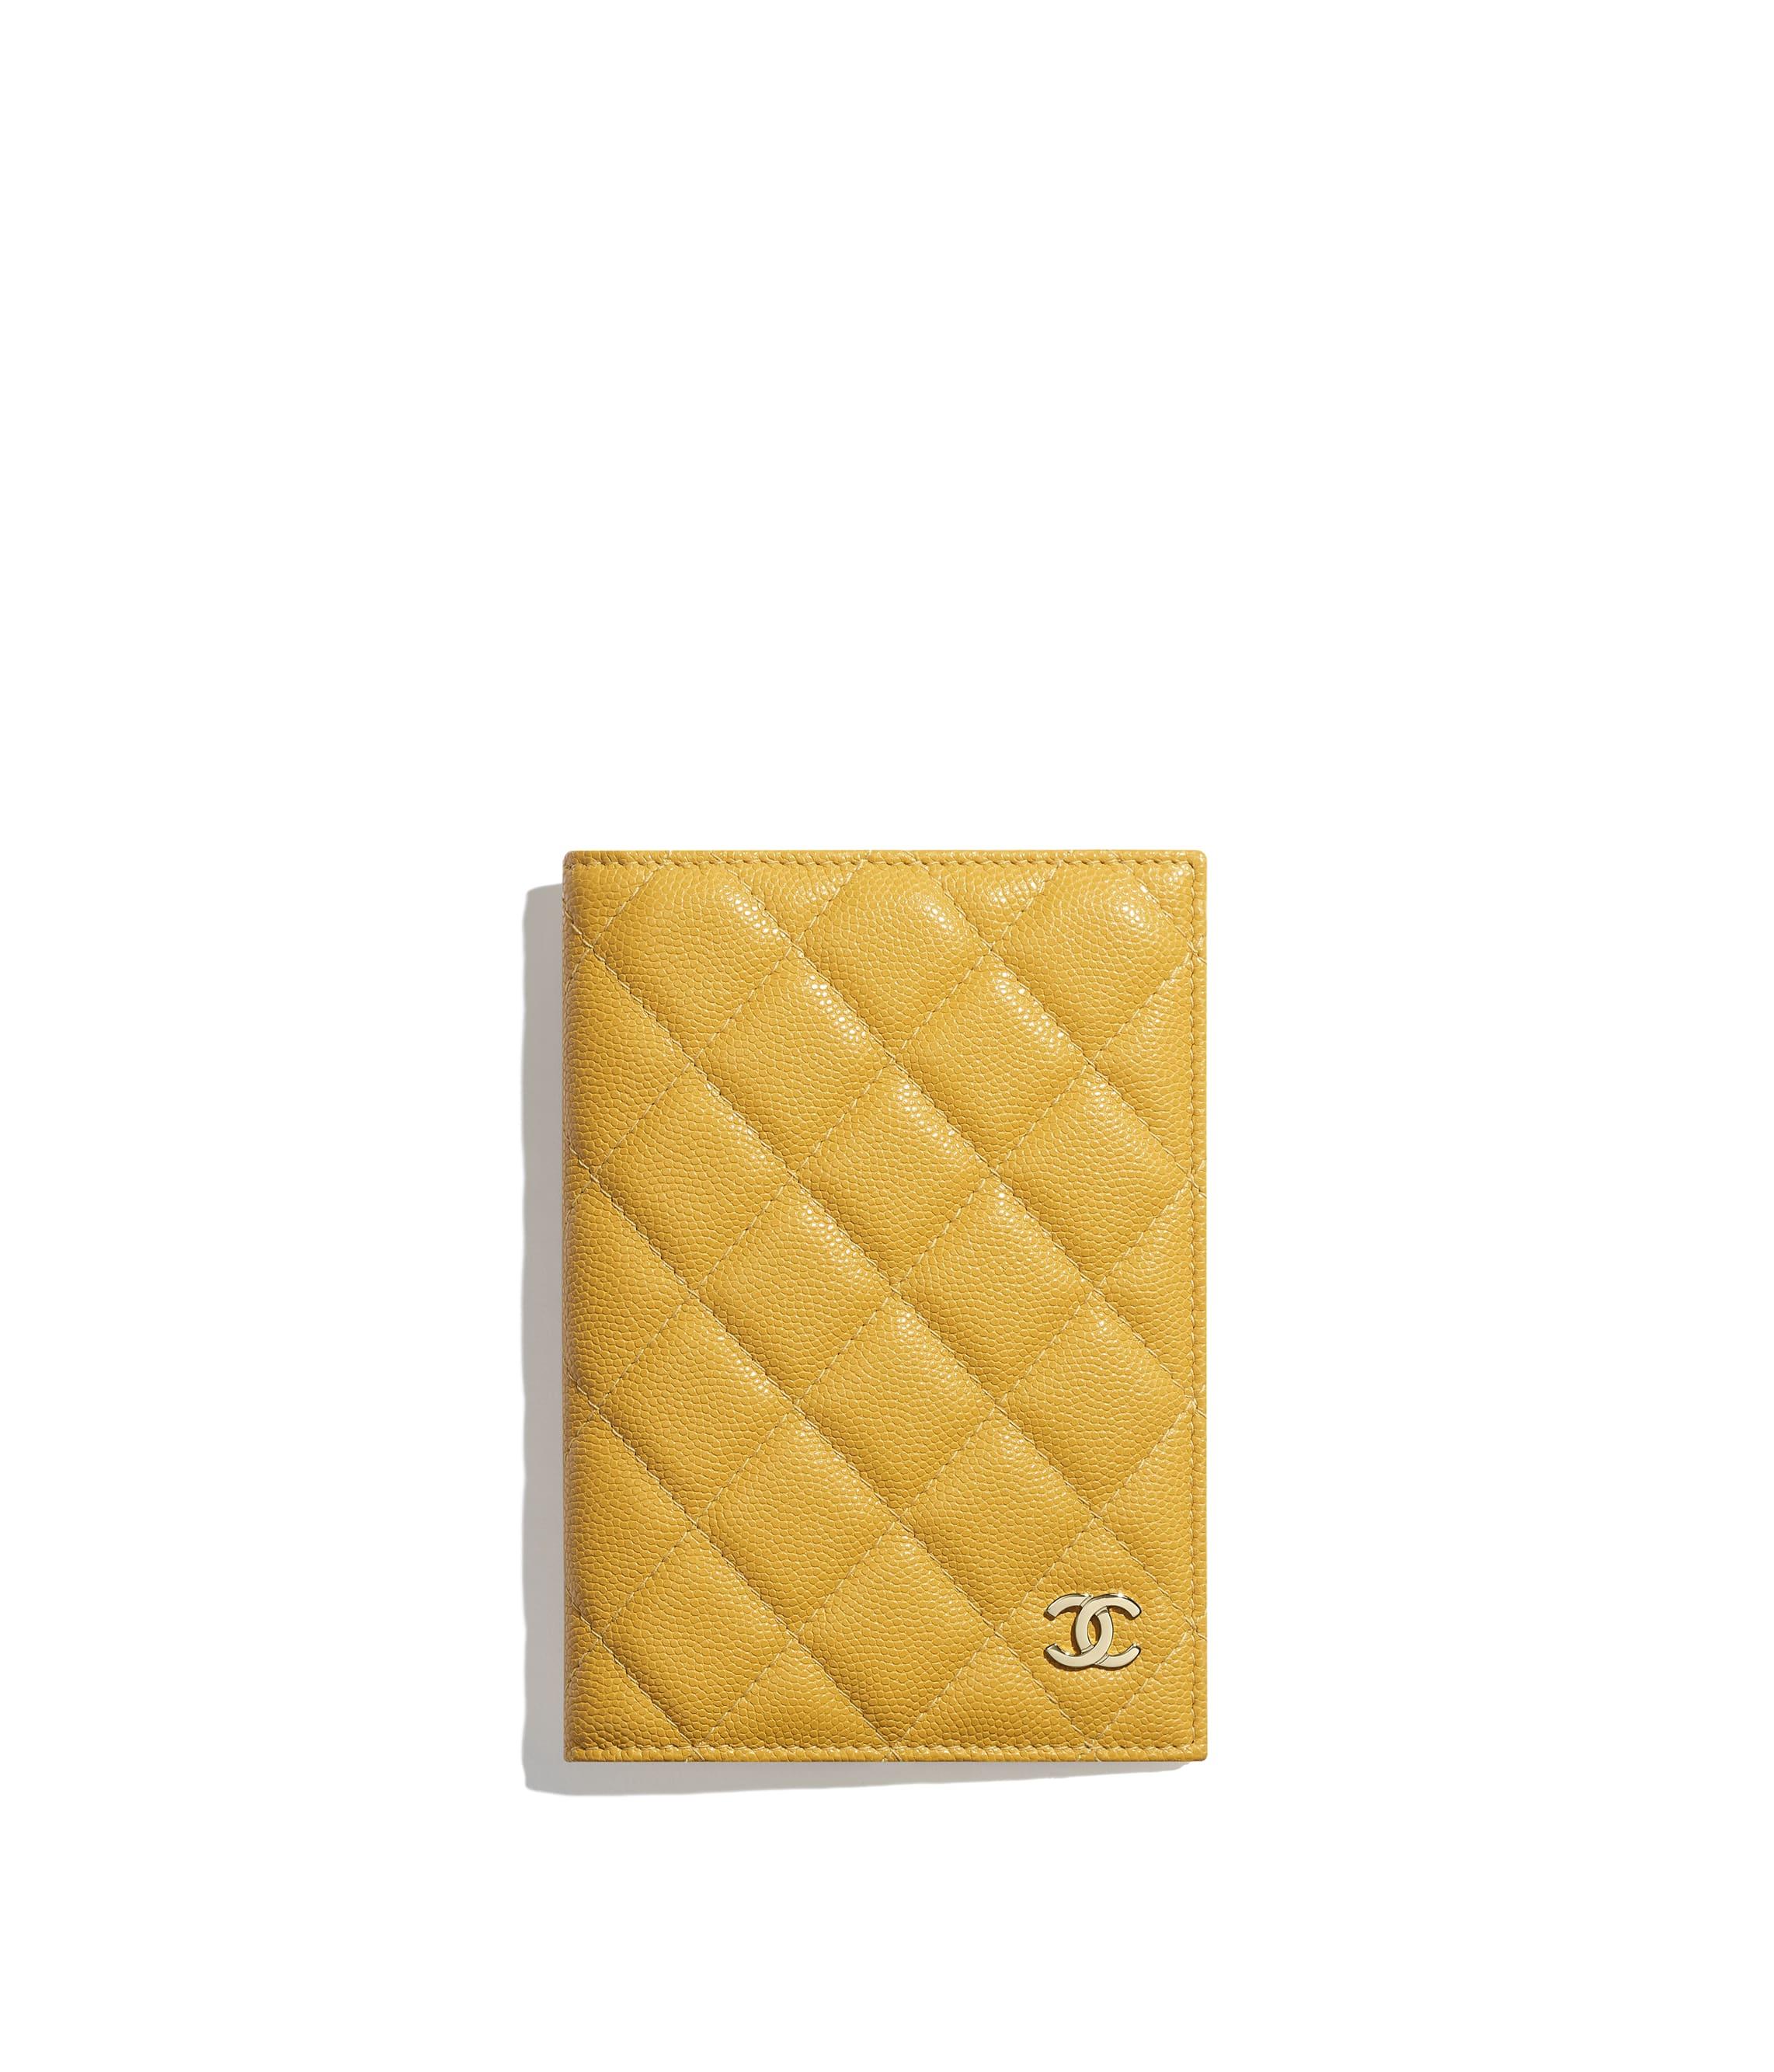 Porte-passeport classique